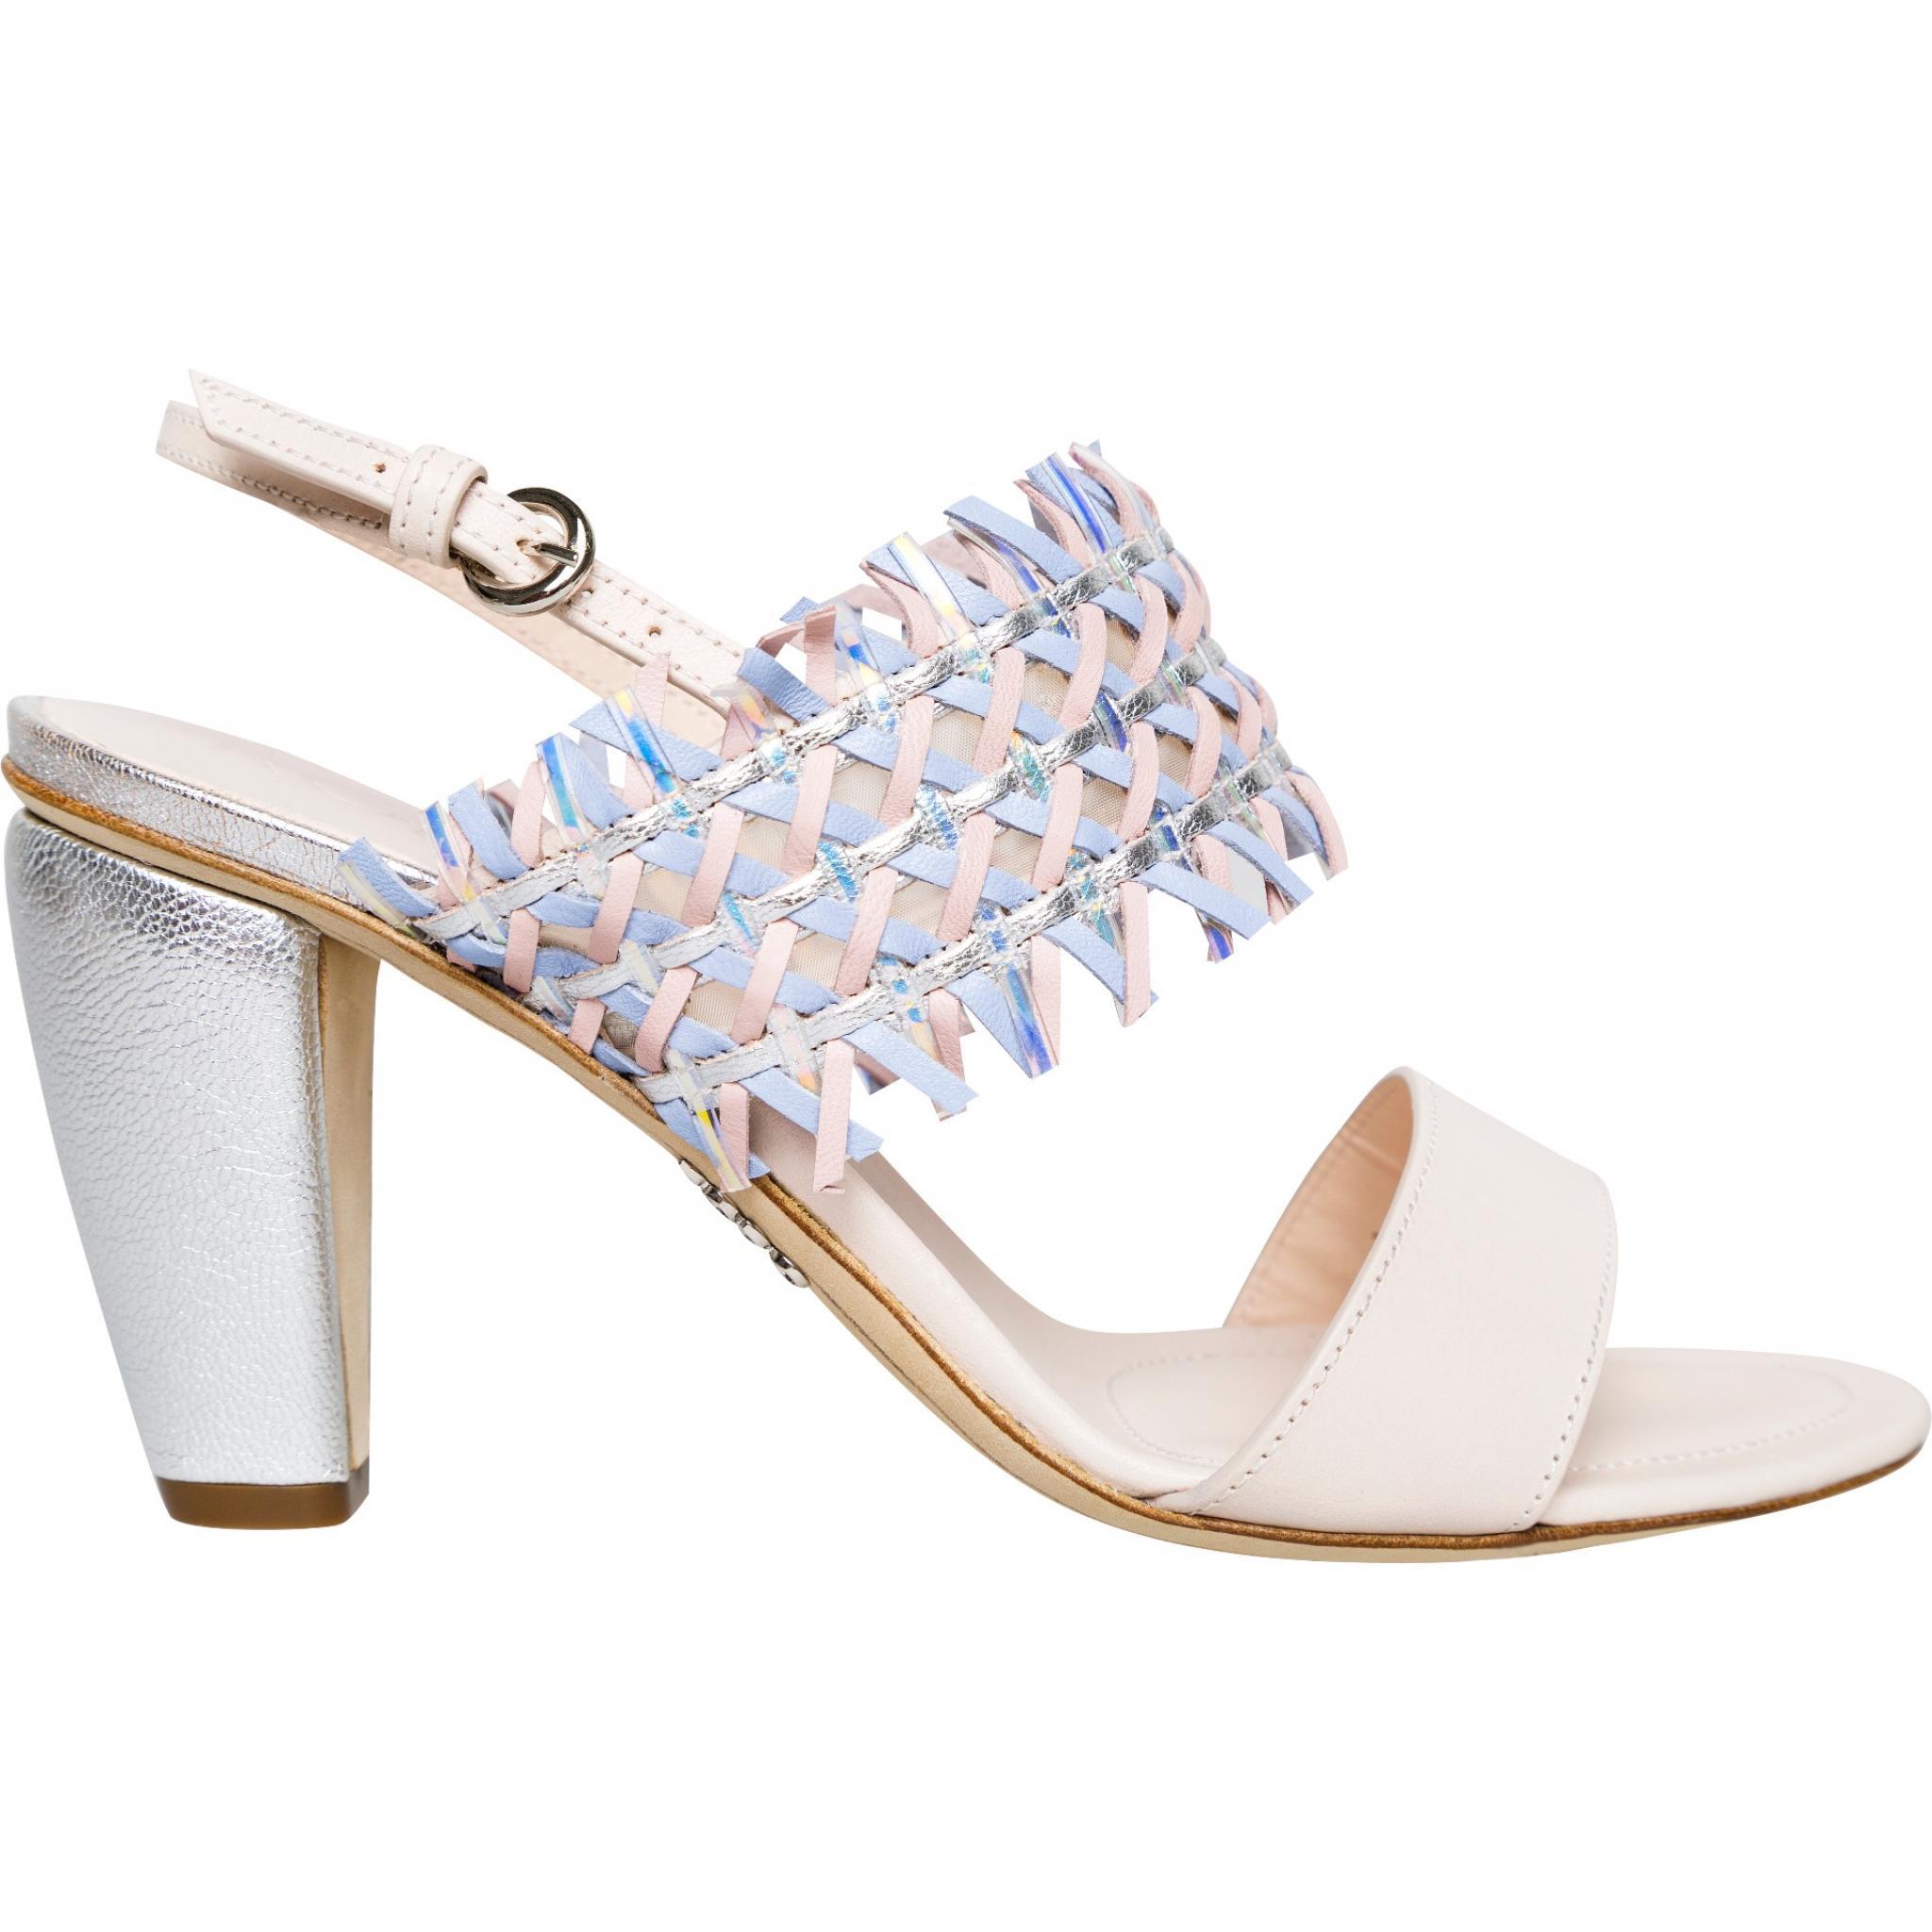 Sling-Back-Sandaletten mit geflochtenem Detail und breitem Absatz-0